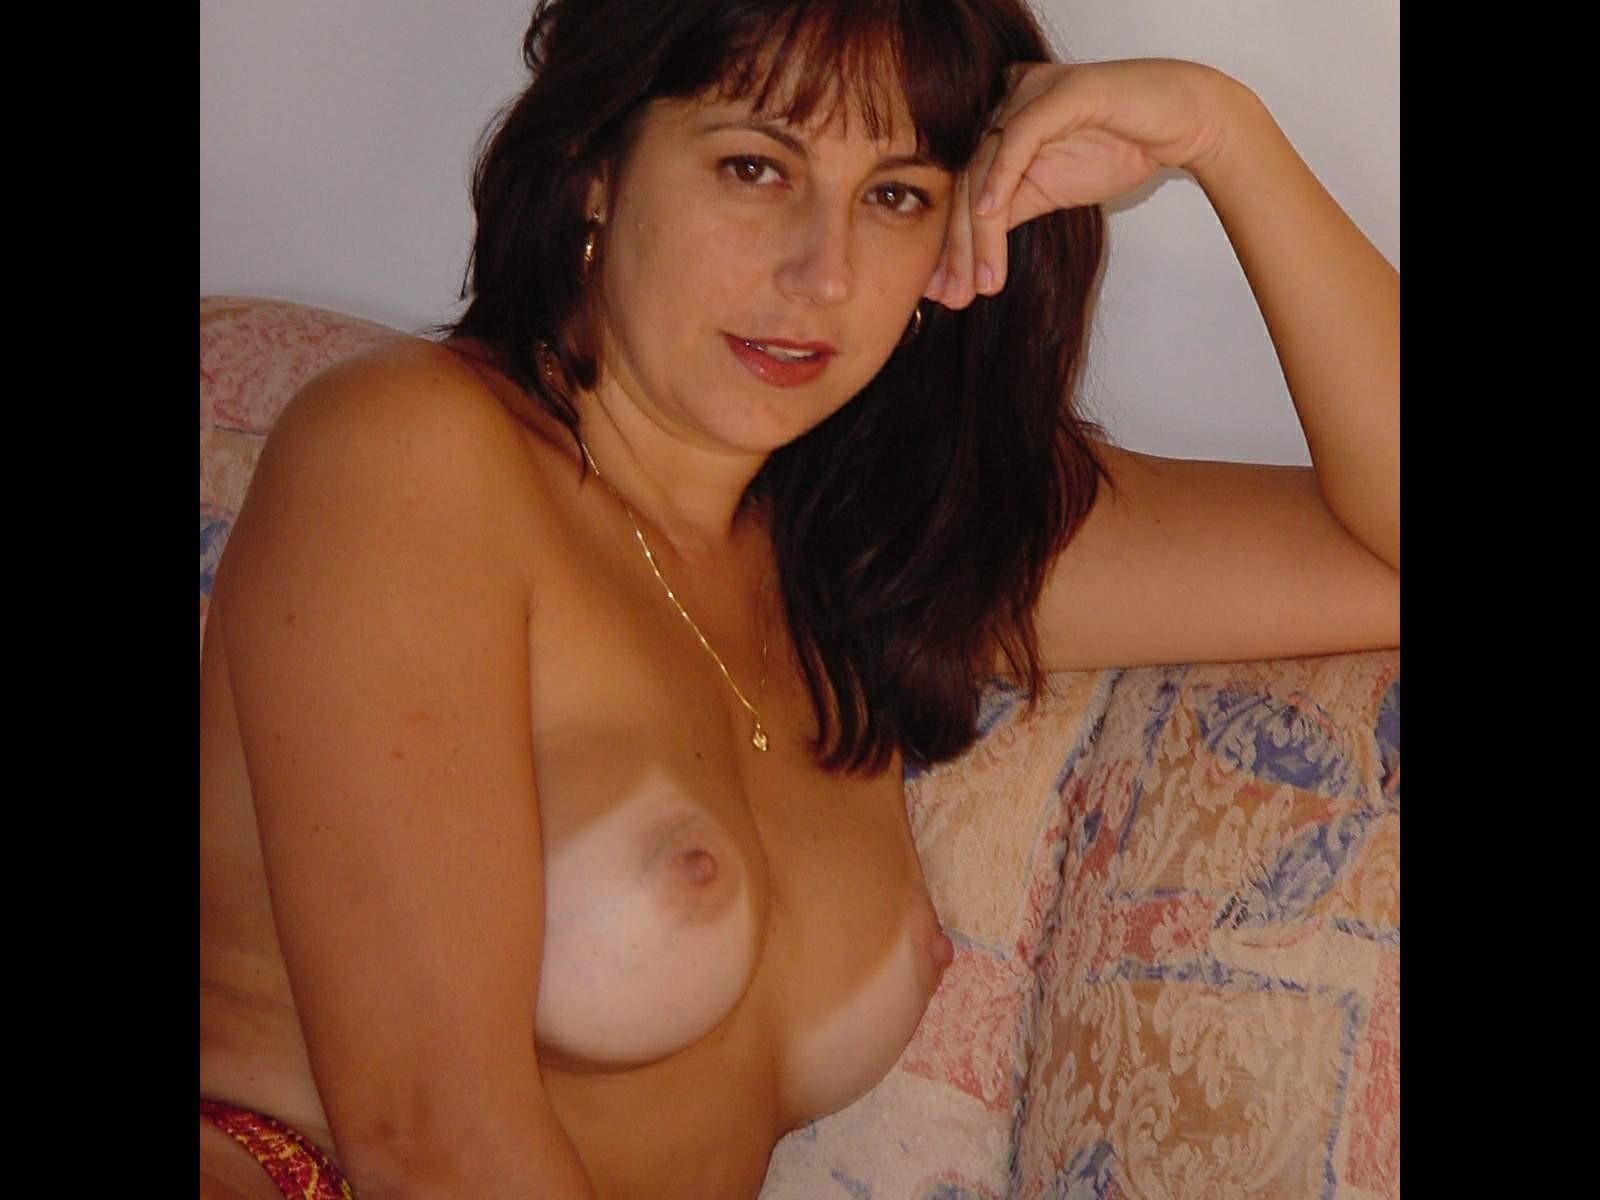 Красивая задница женщины из Нью-Джерси